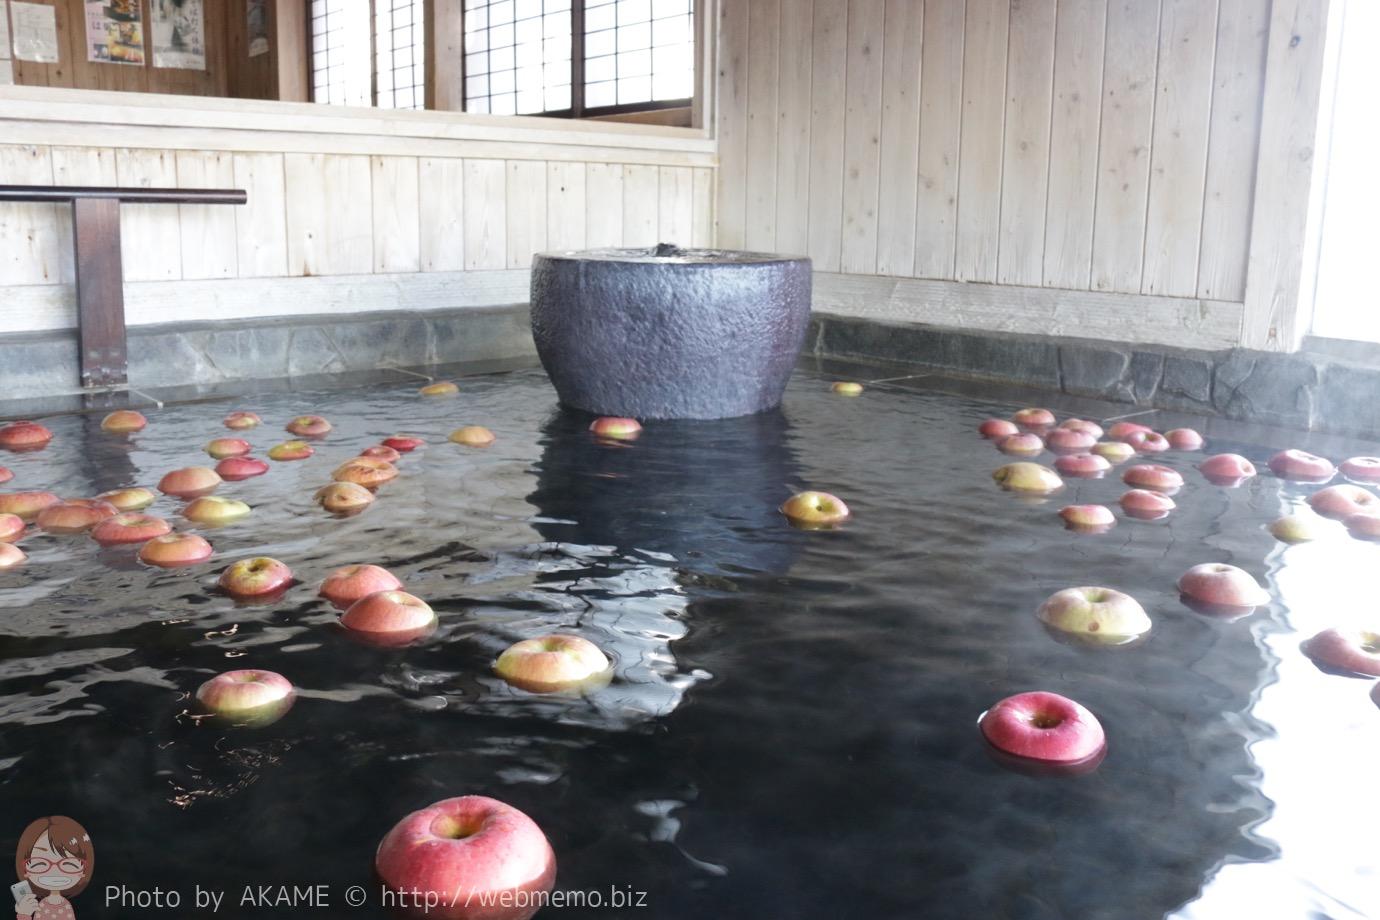 りんごが浮く不思議な温泉!島崎藤村ゆかりの宿「中棚荘」に宿泊(長野県・小諸)